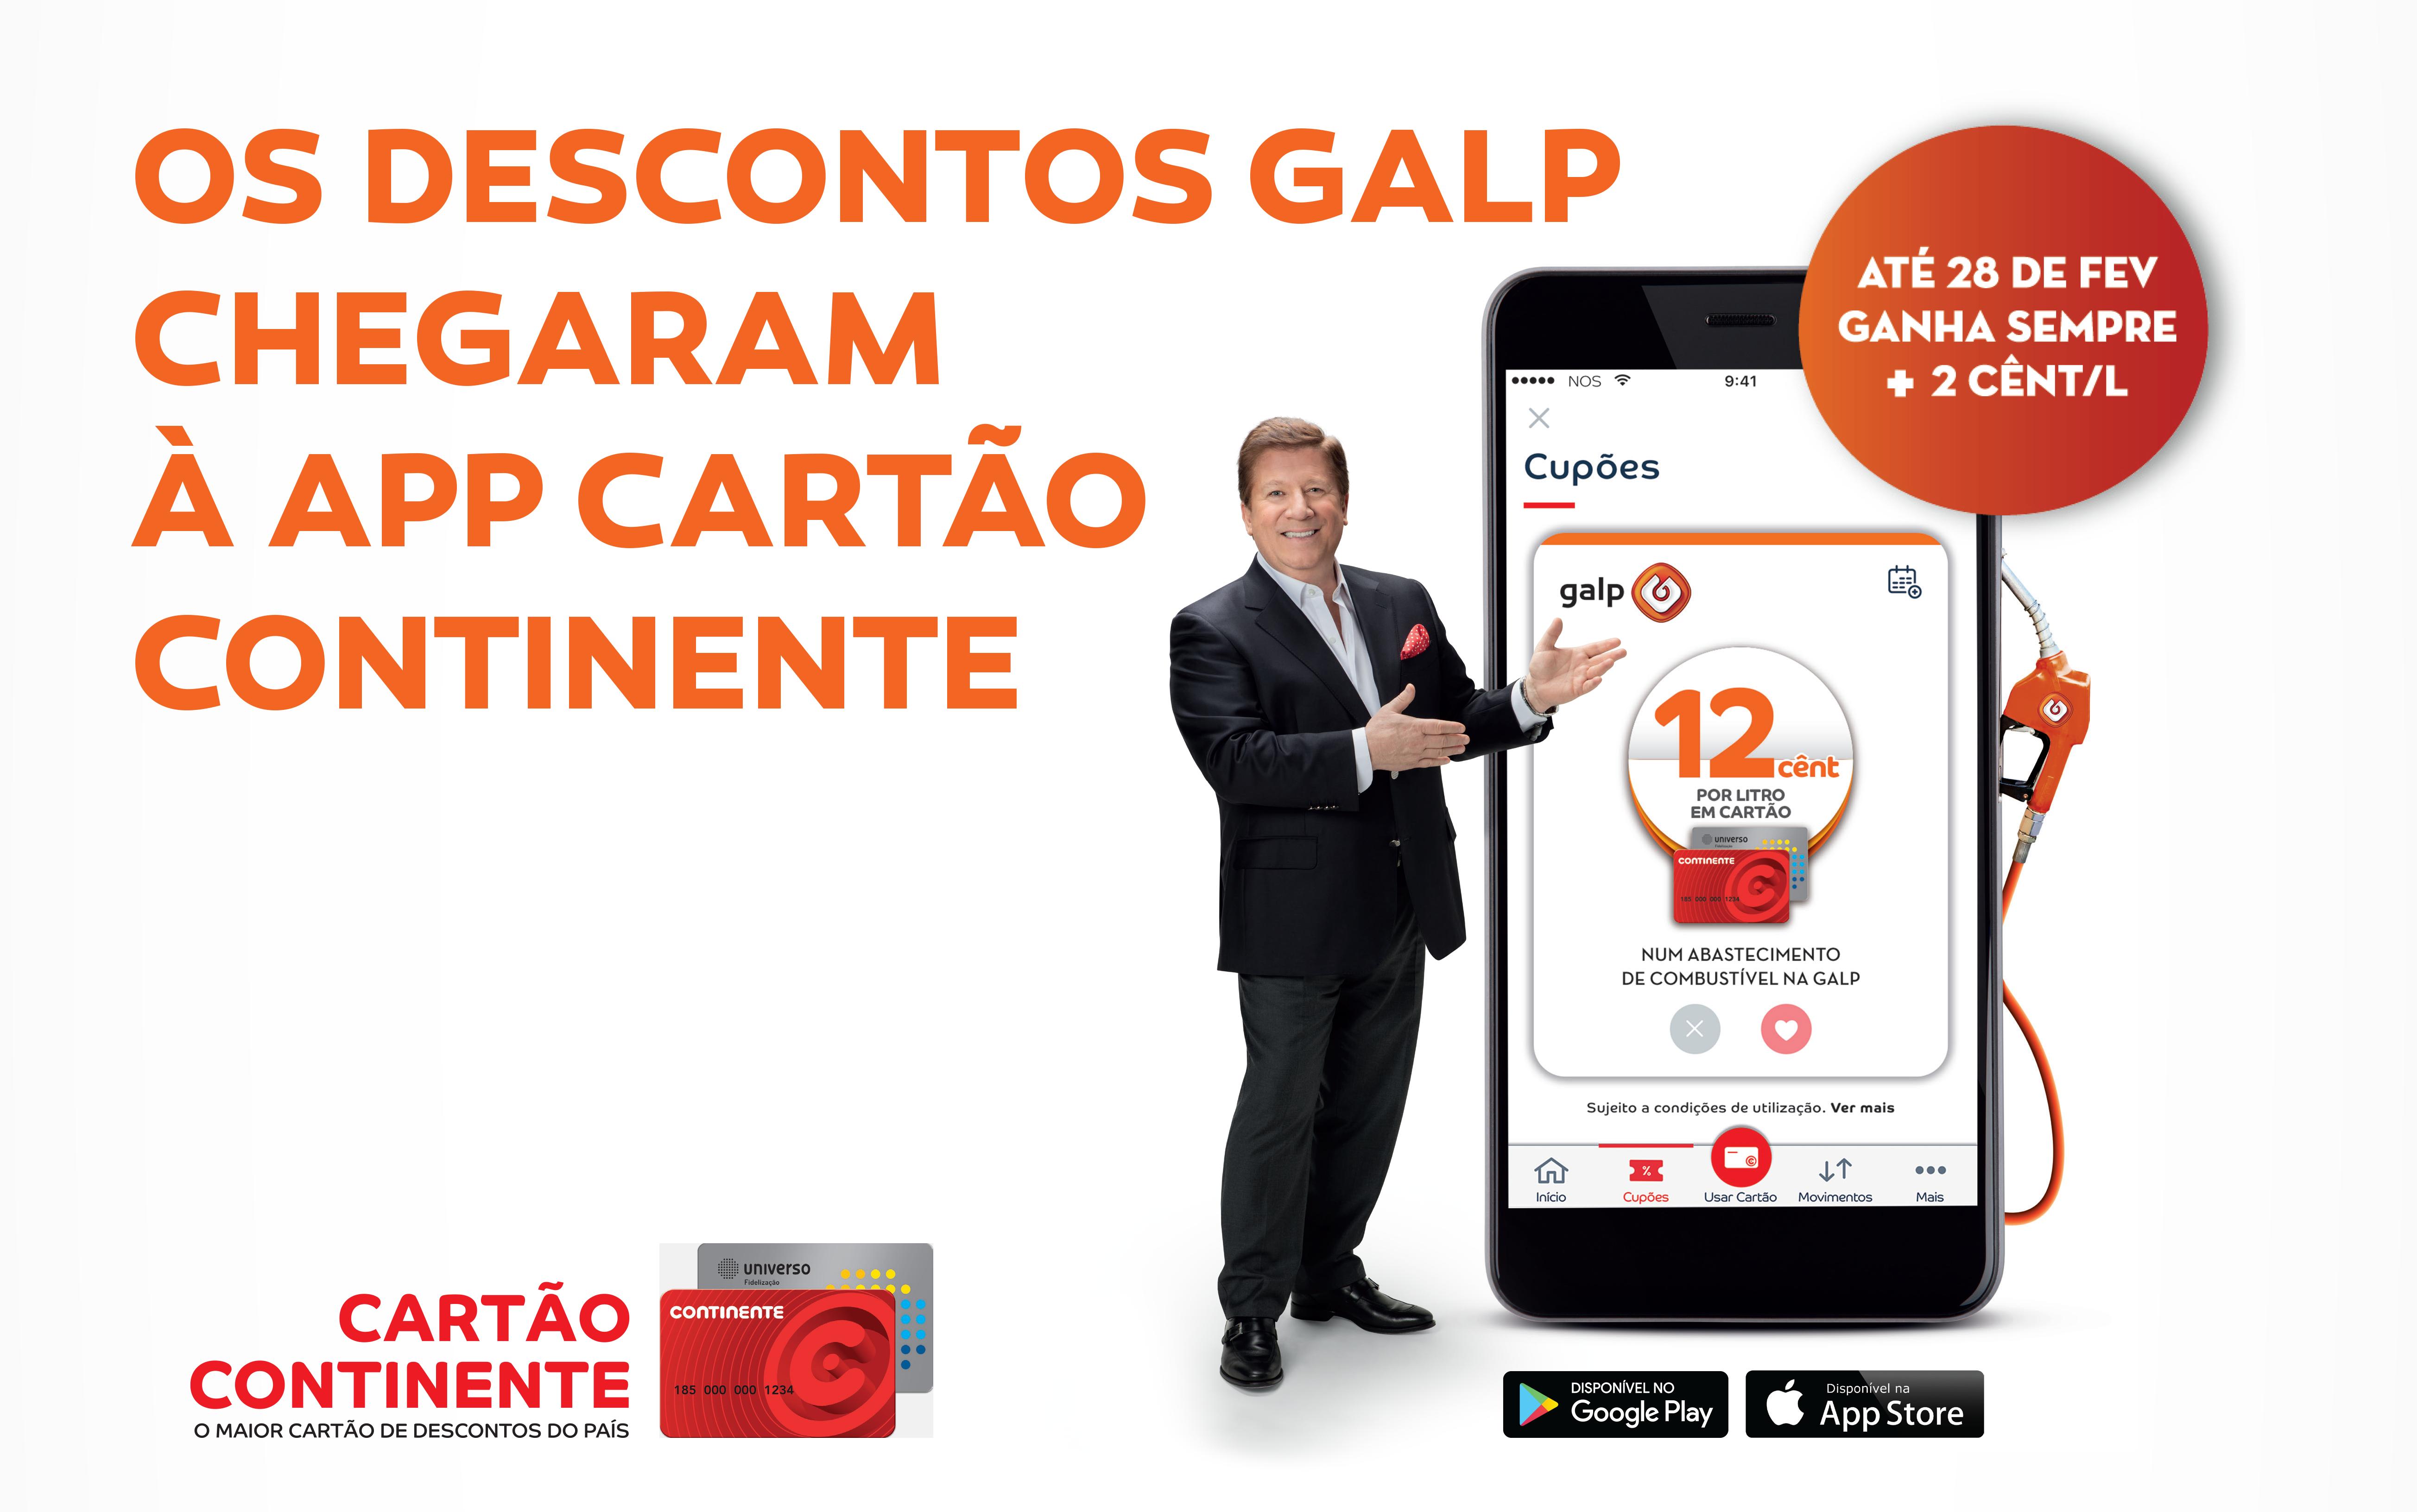 Os descontos Galp chegaram à app Cartão Continente!